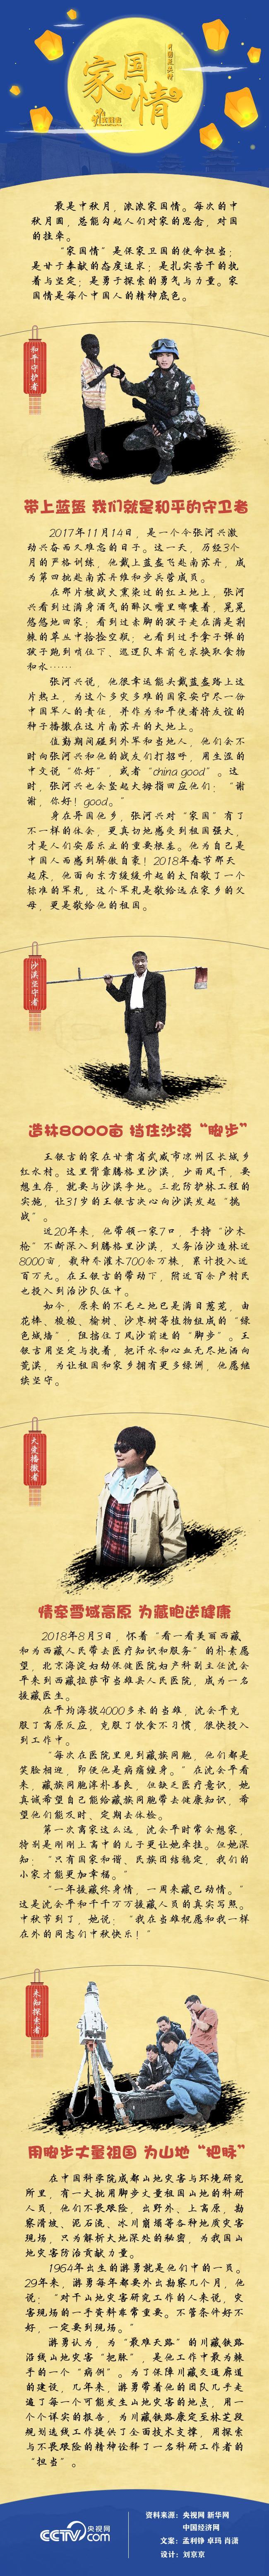 月圆总关情:中秋节,他们的家国情令人动容